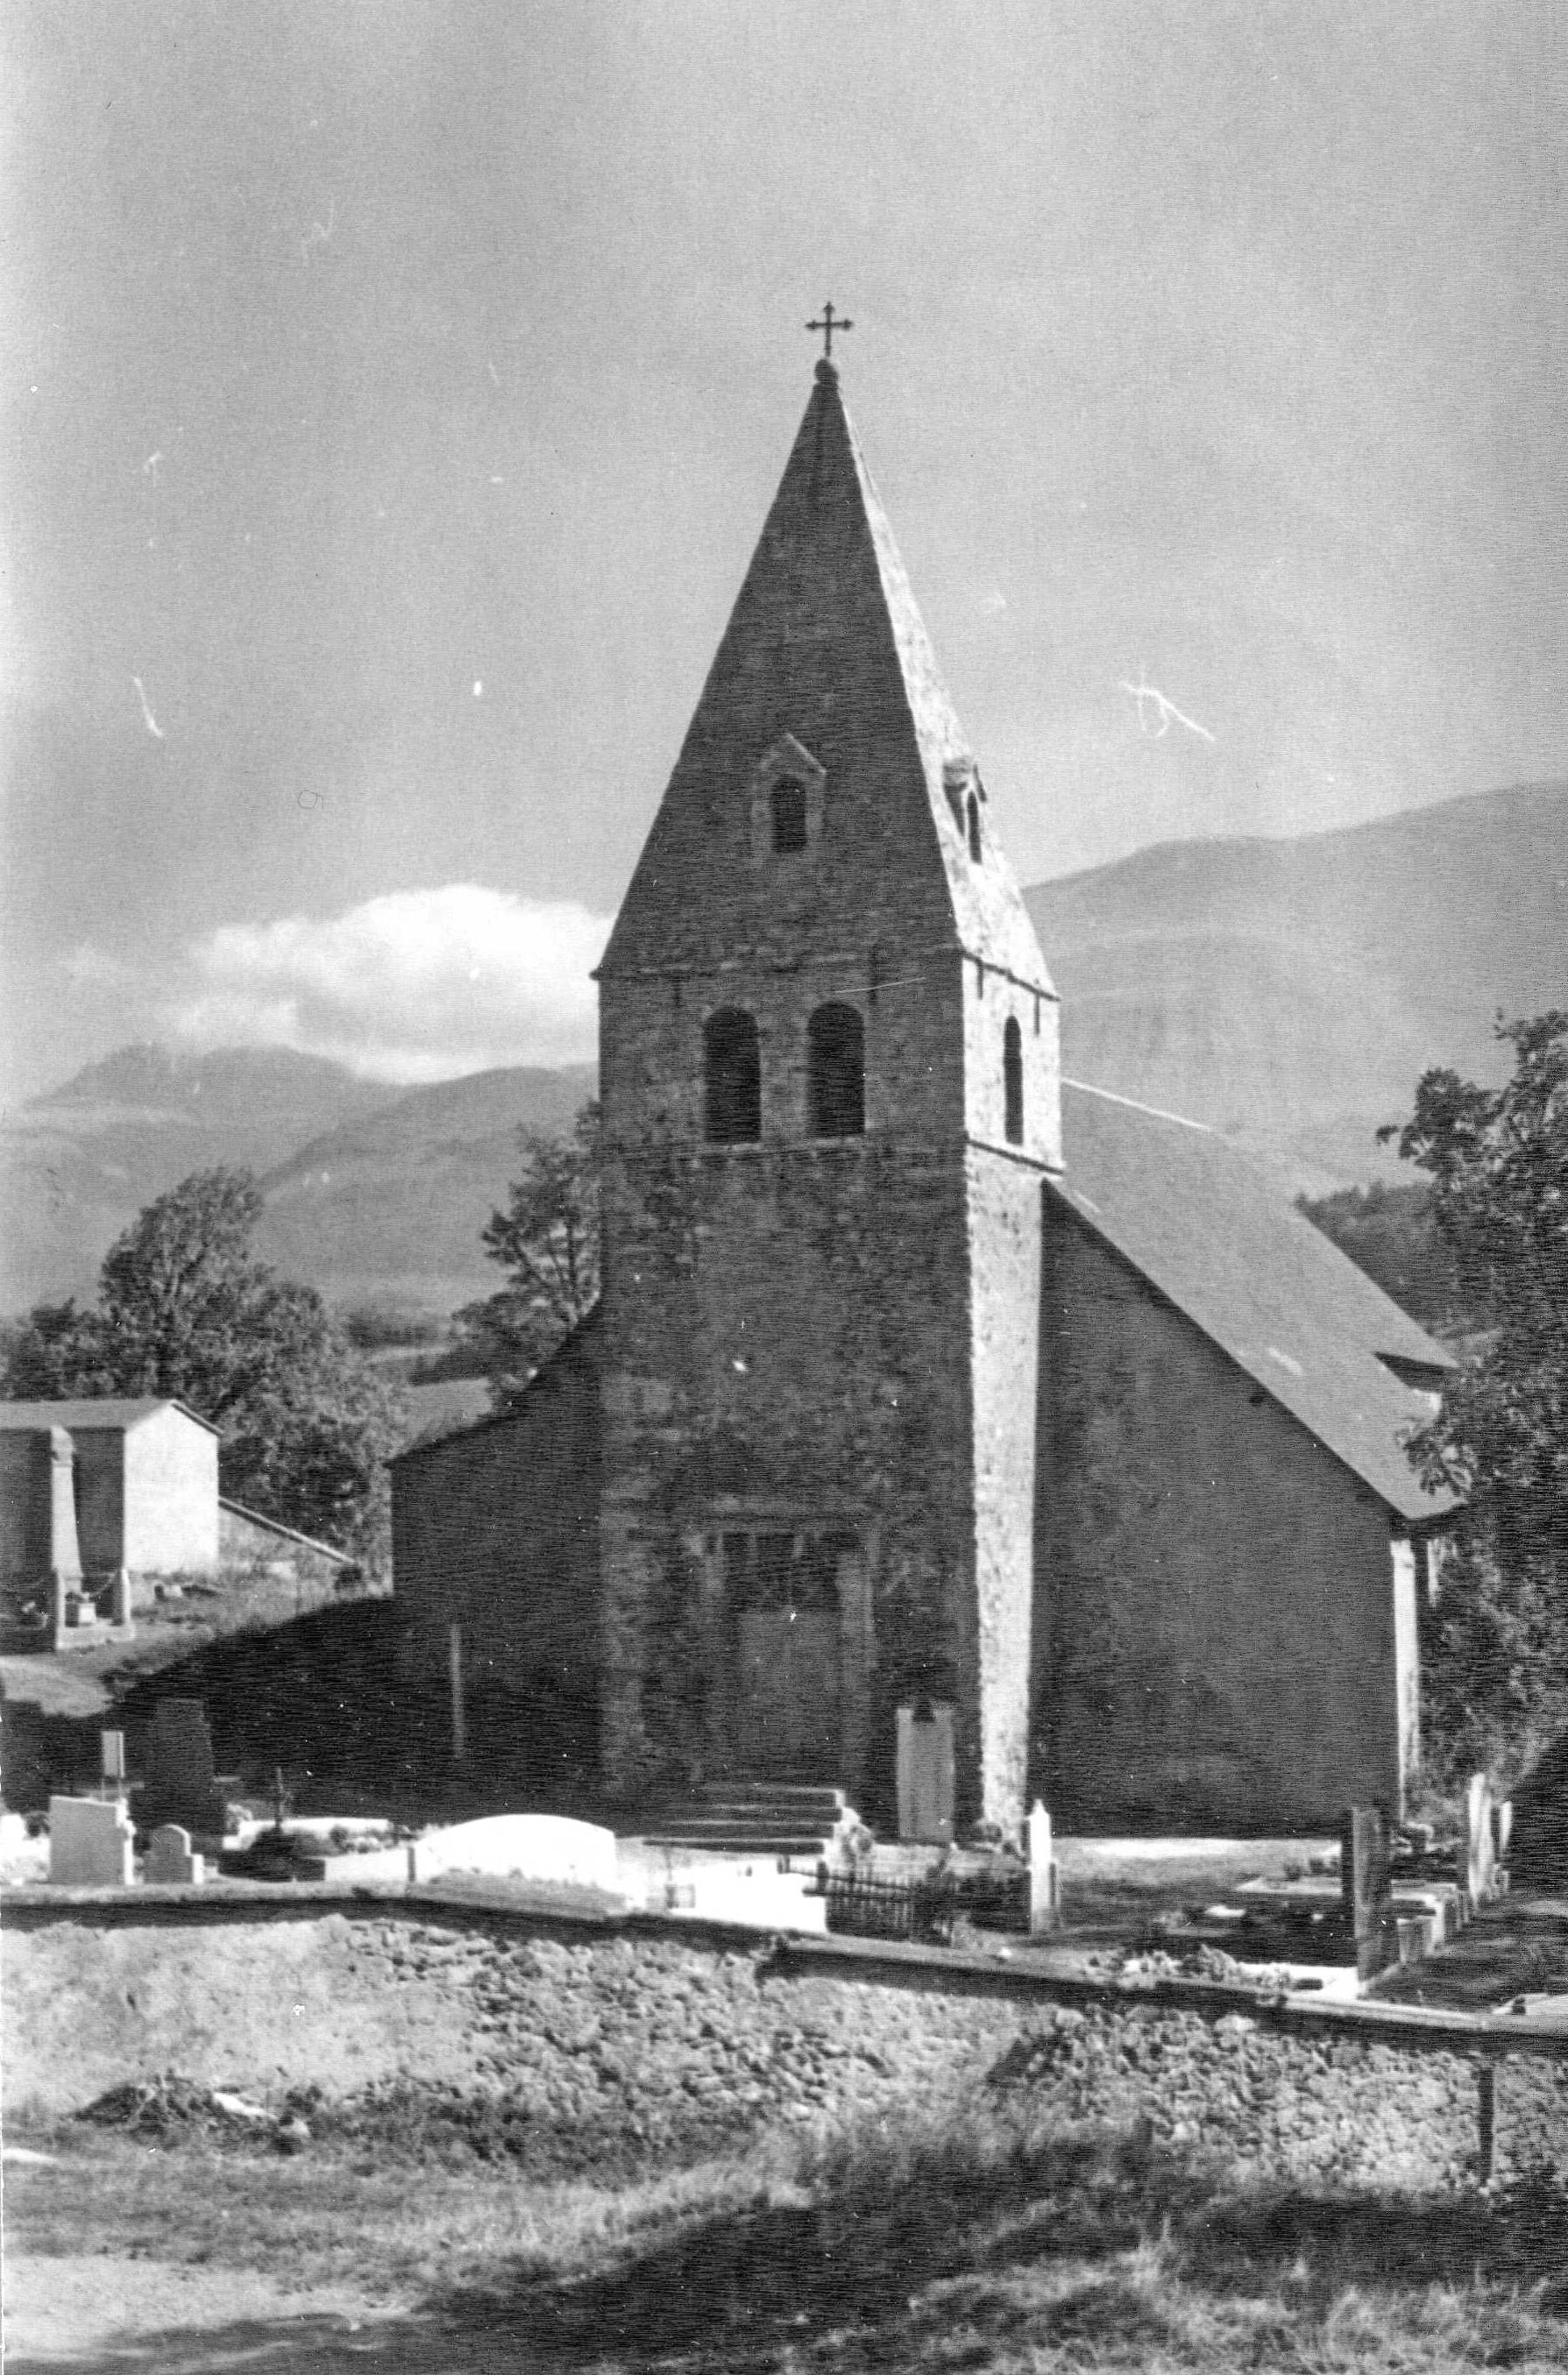 Eglise de Saint-Jean-de-Vaulx, cliché Abbé Meyer (c)Patrimoine cuturel-CD38